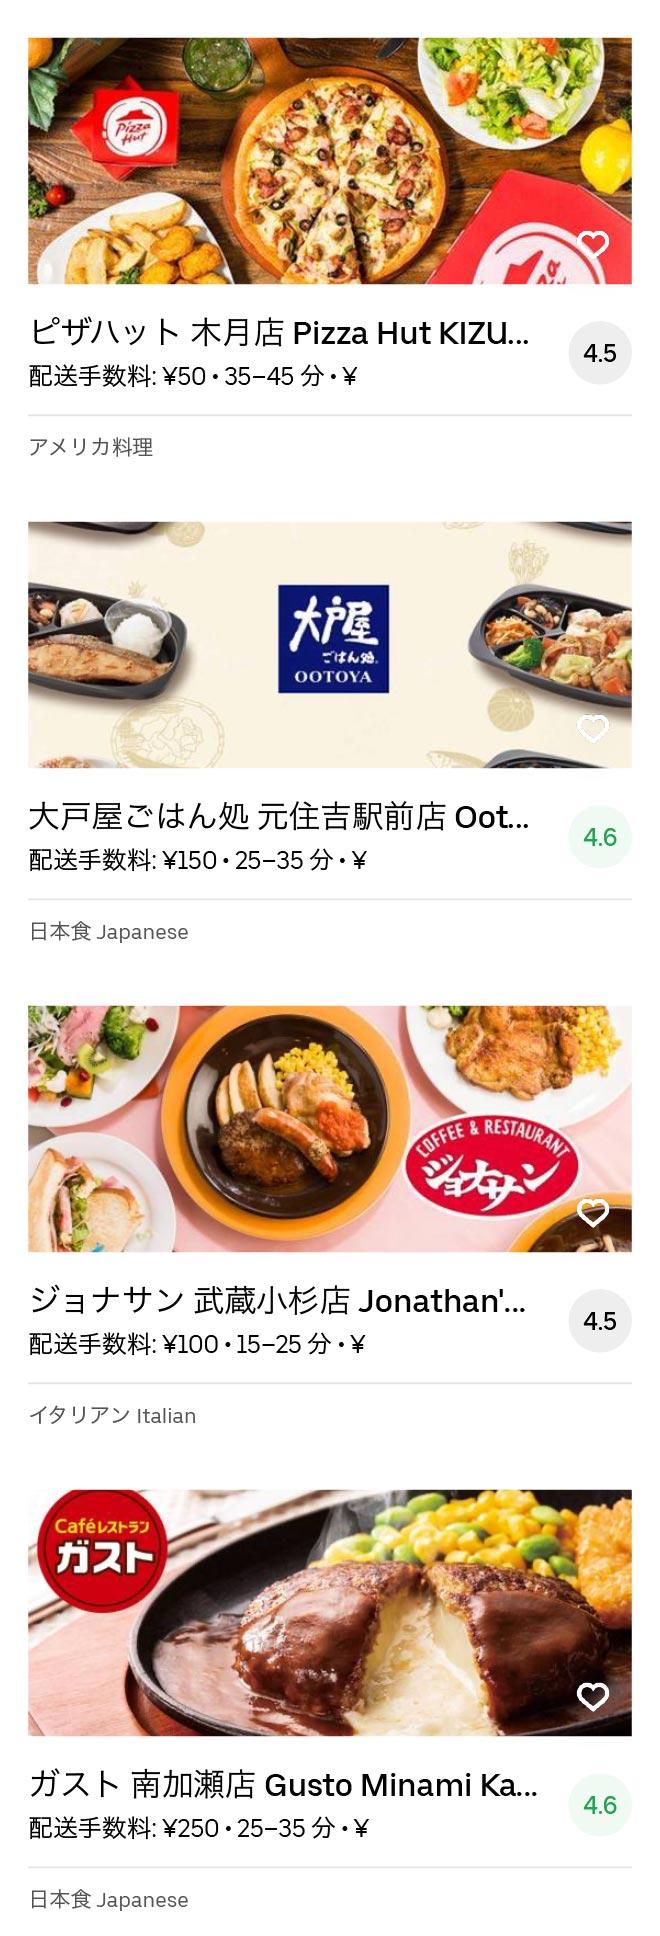 Musashikosugi menu 2004 12